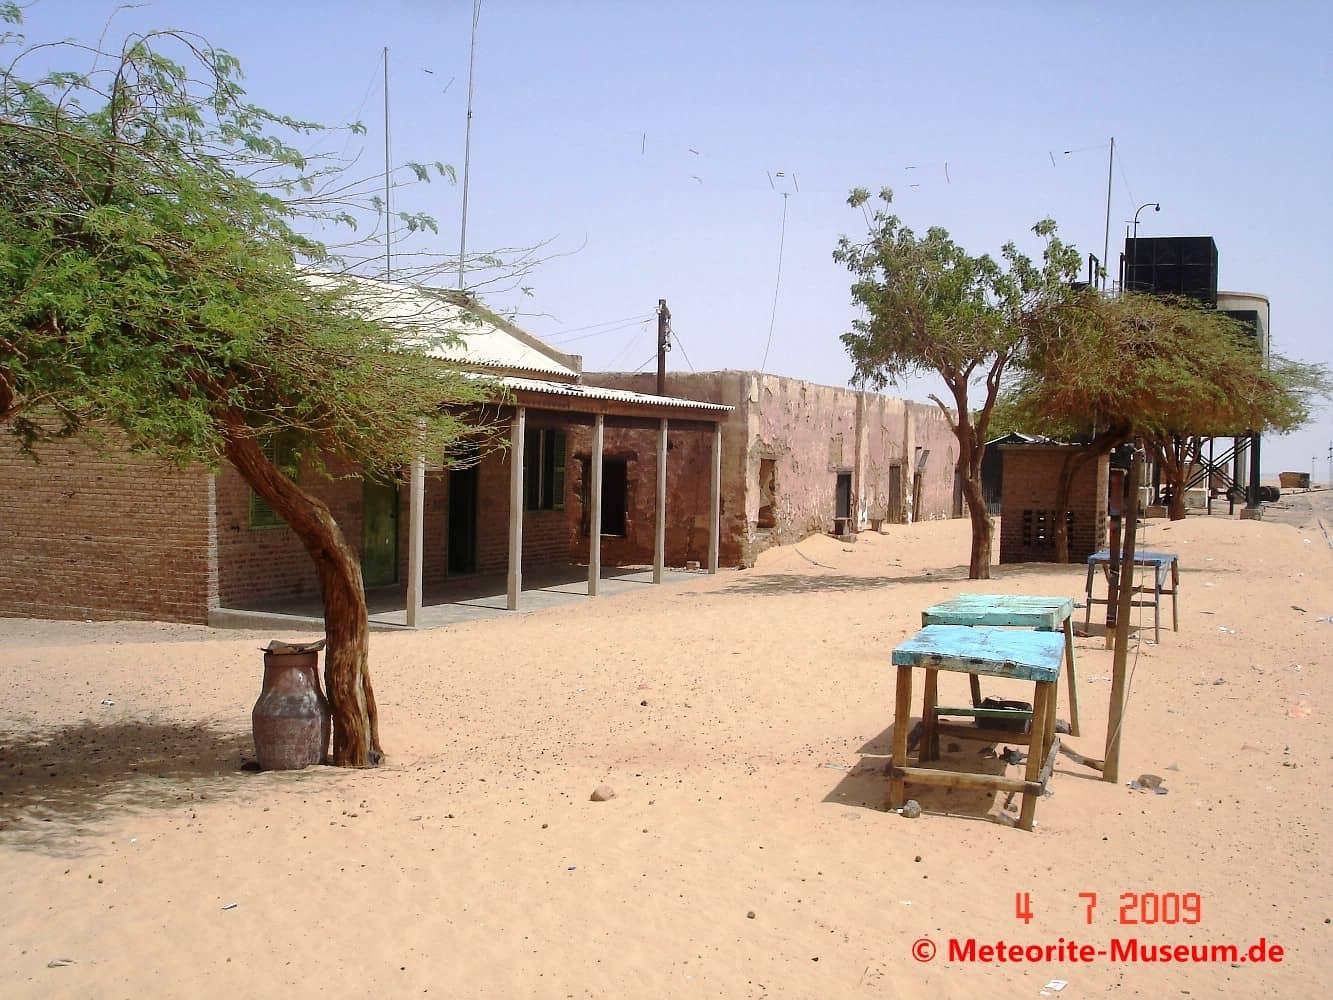 Almahata Sitta Bahnstation Nummer 6 mit Bänken, Unterkünften und Bäumen in der nubischen Wüste im Sudan